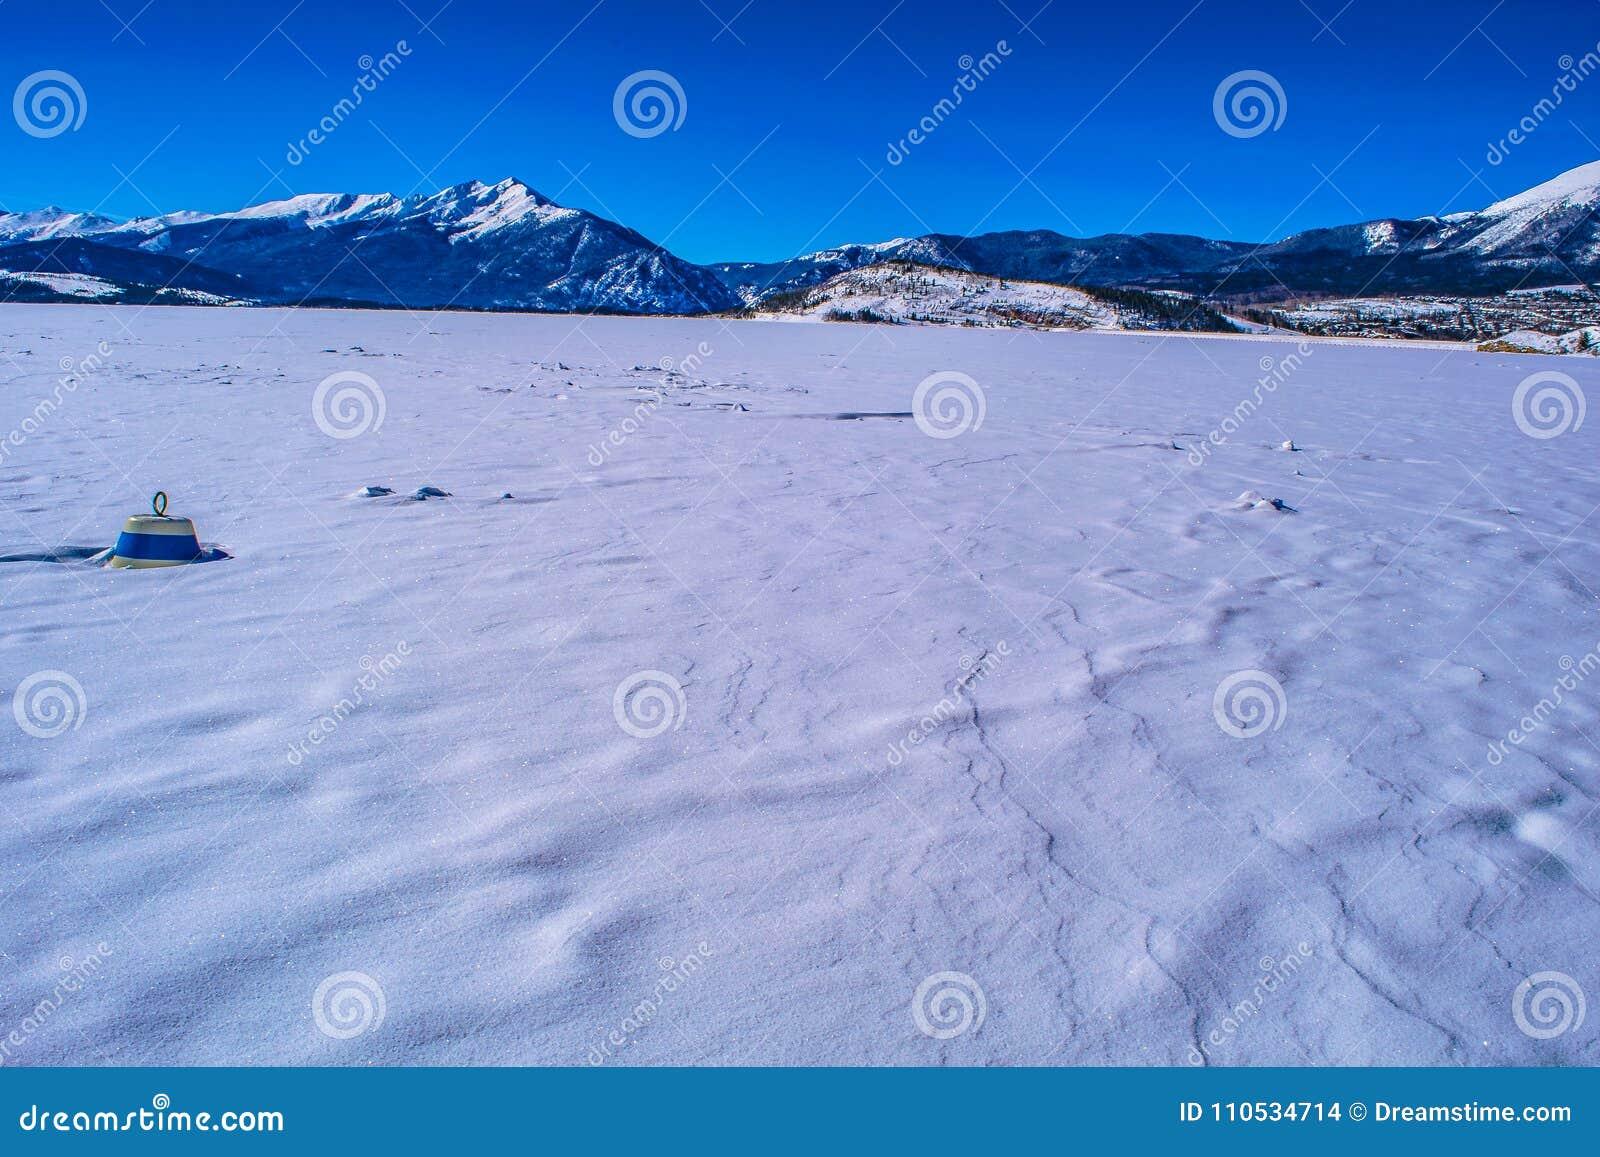 Lago congelado em Breckenridge, Colorado